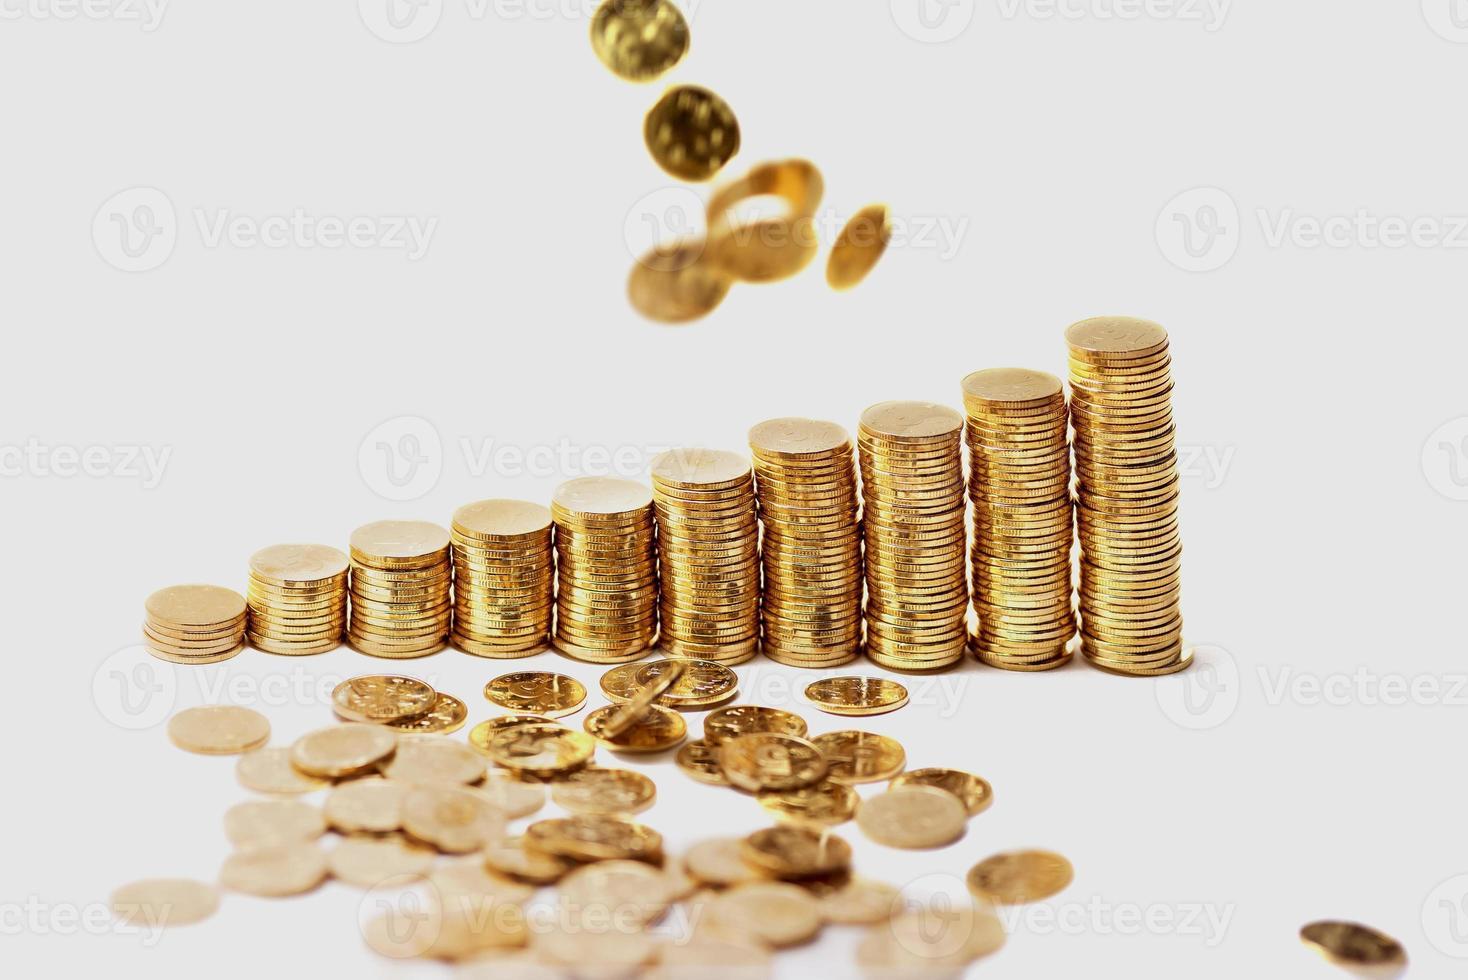 chuva de moedas de ouro foto